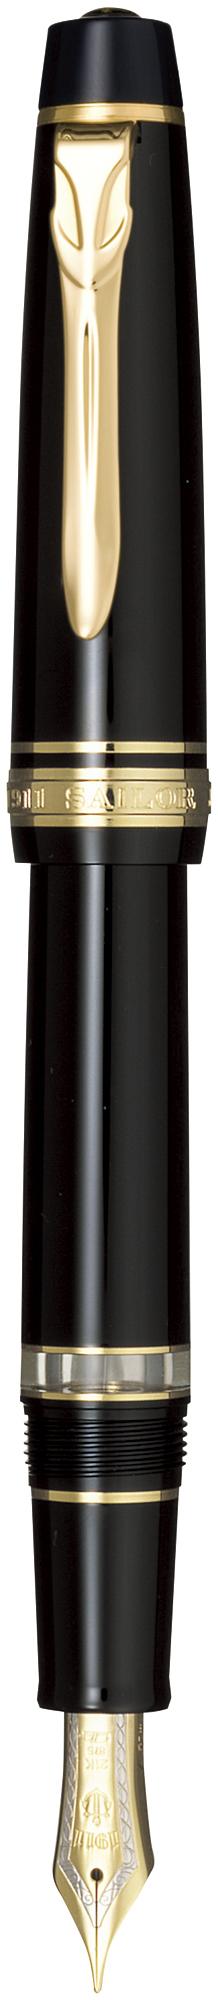 セーラー万年筆 プロフェッショナルギアΣ レアロ ブラック 太字 11-3527-620 プロギア シグマ チェック サイン 大き目の文字 太文字 尾栓回転吸入式 大人 クリップ 21金バイカラー 大型 24金メッキ ギフト 贈り物